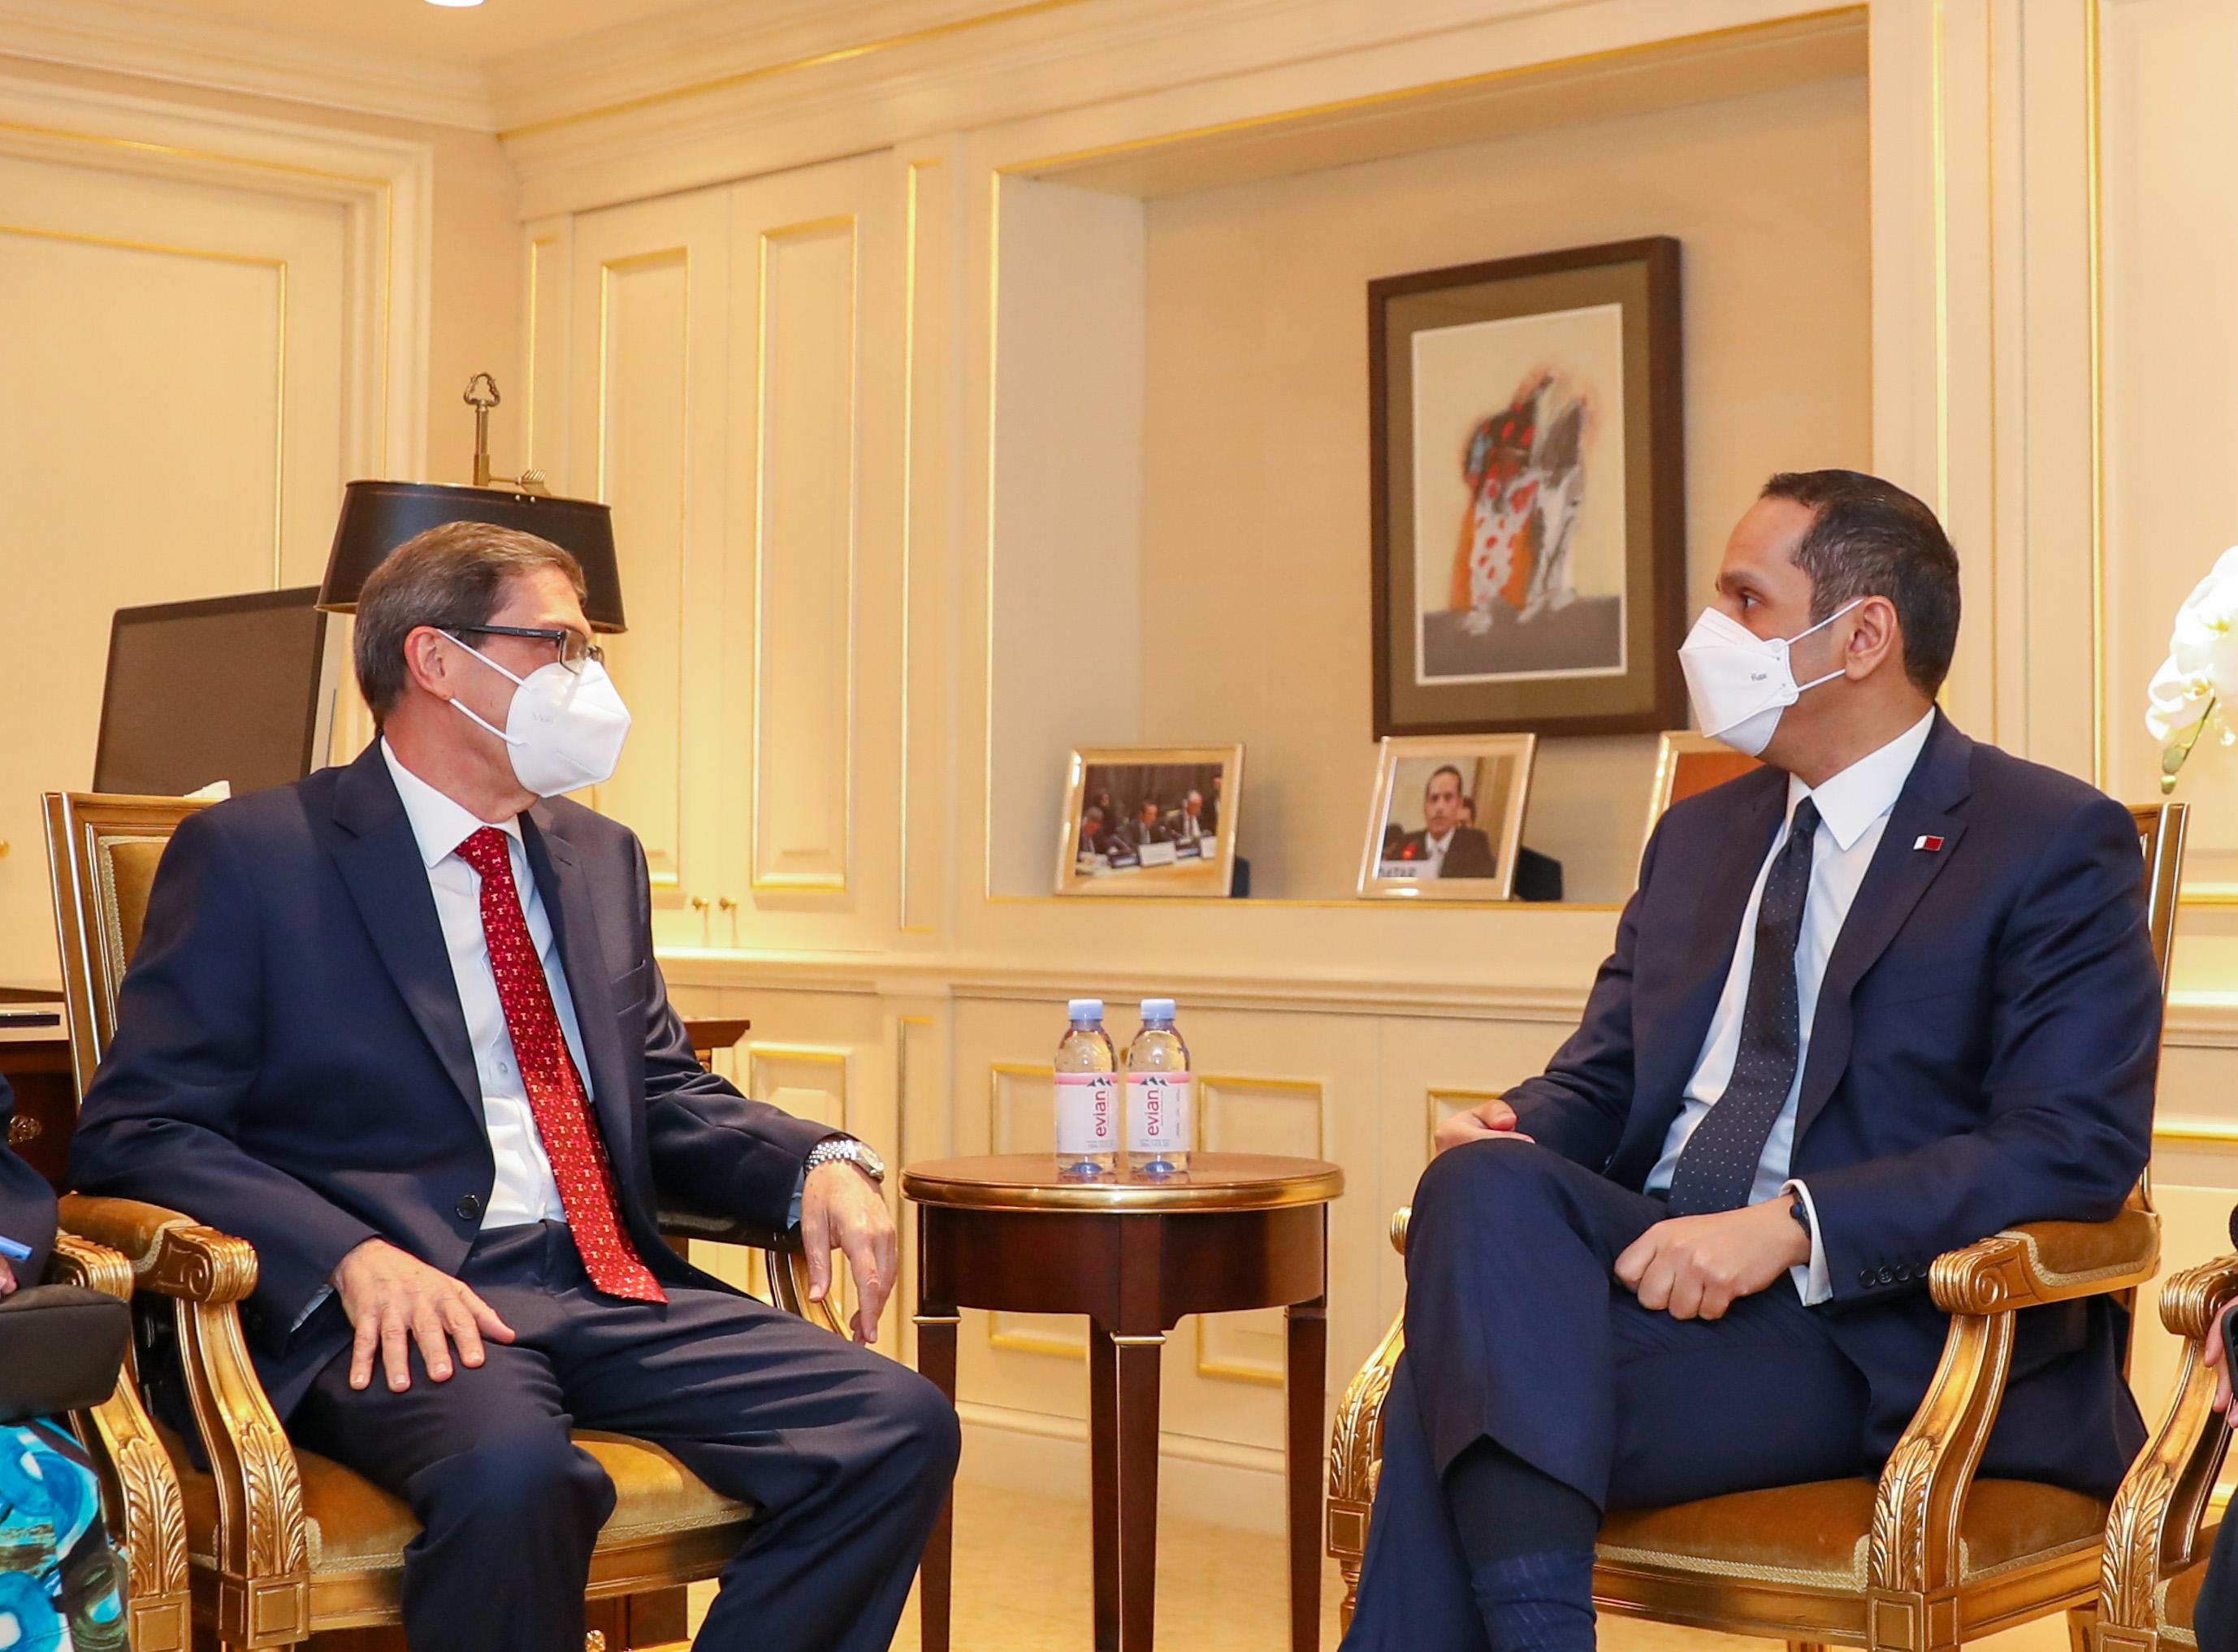 نائب رئيس مجلس الوزراء وزير الخارجية يجتمع مع عدد من المسؤولين على هامش الجمعية العامة للأمم المتحدة